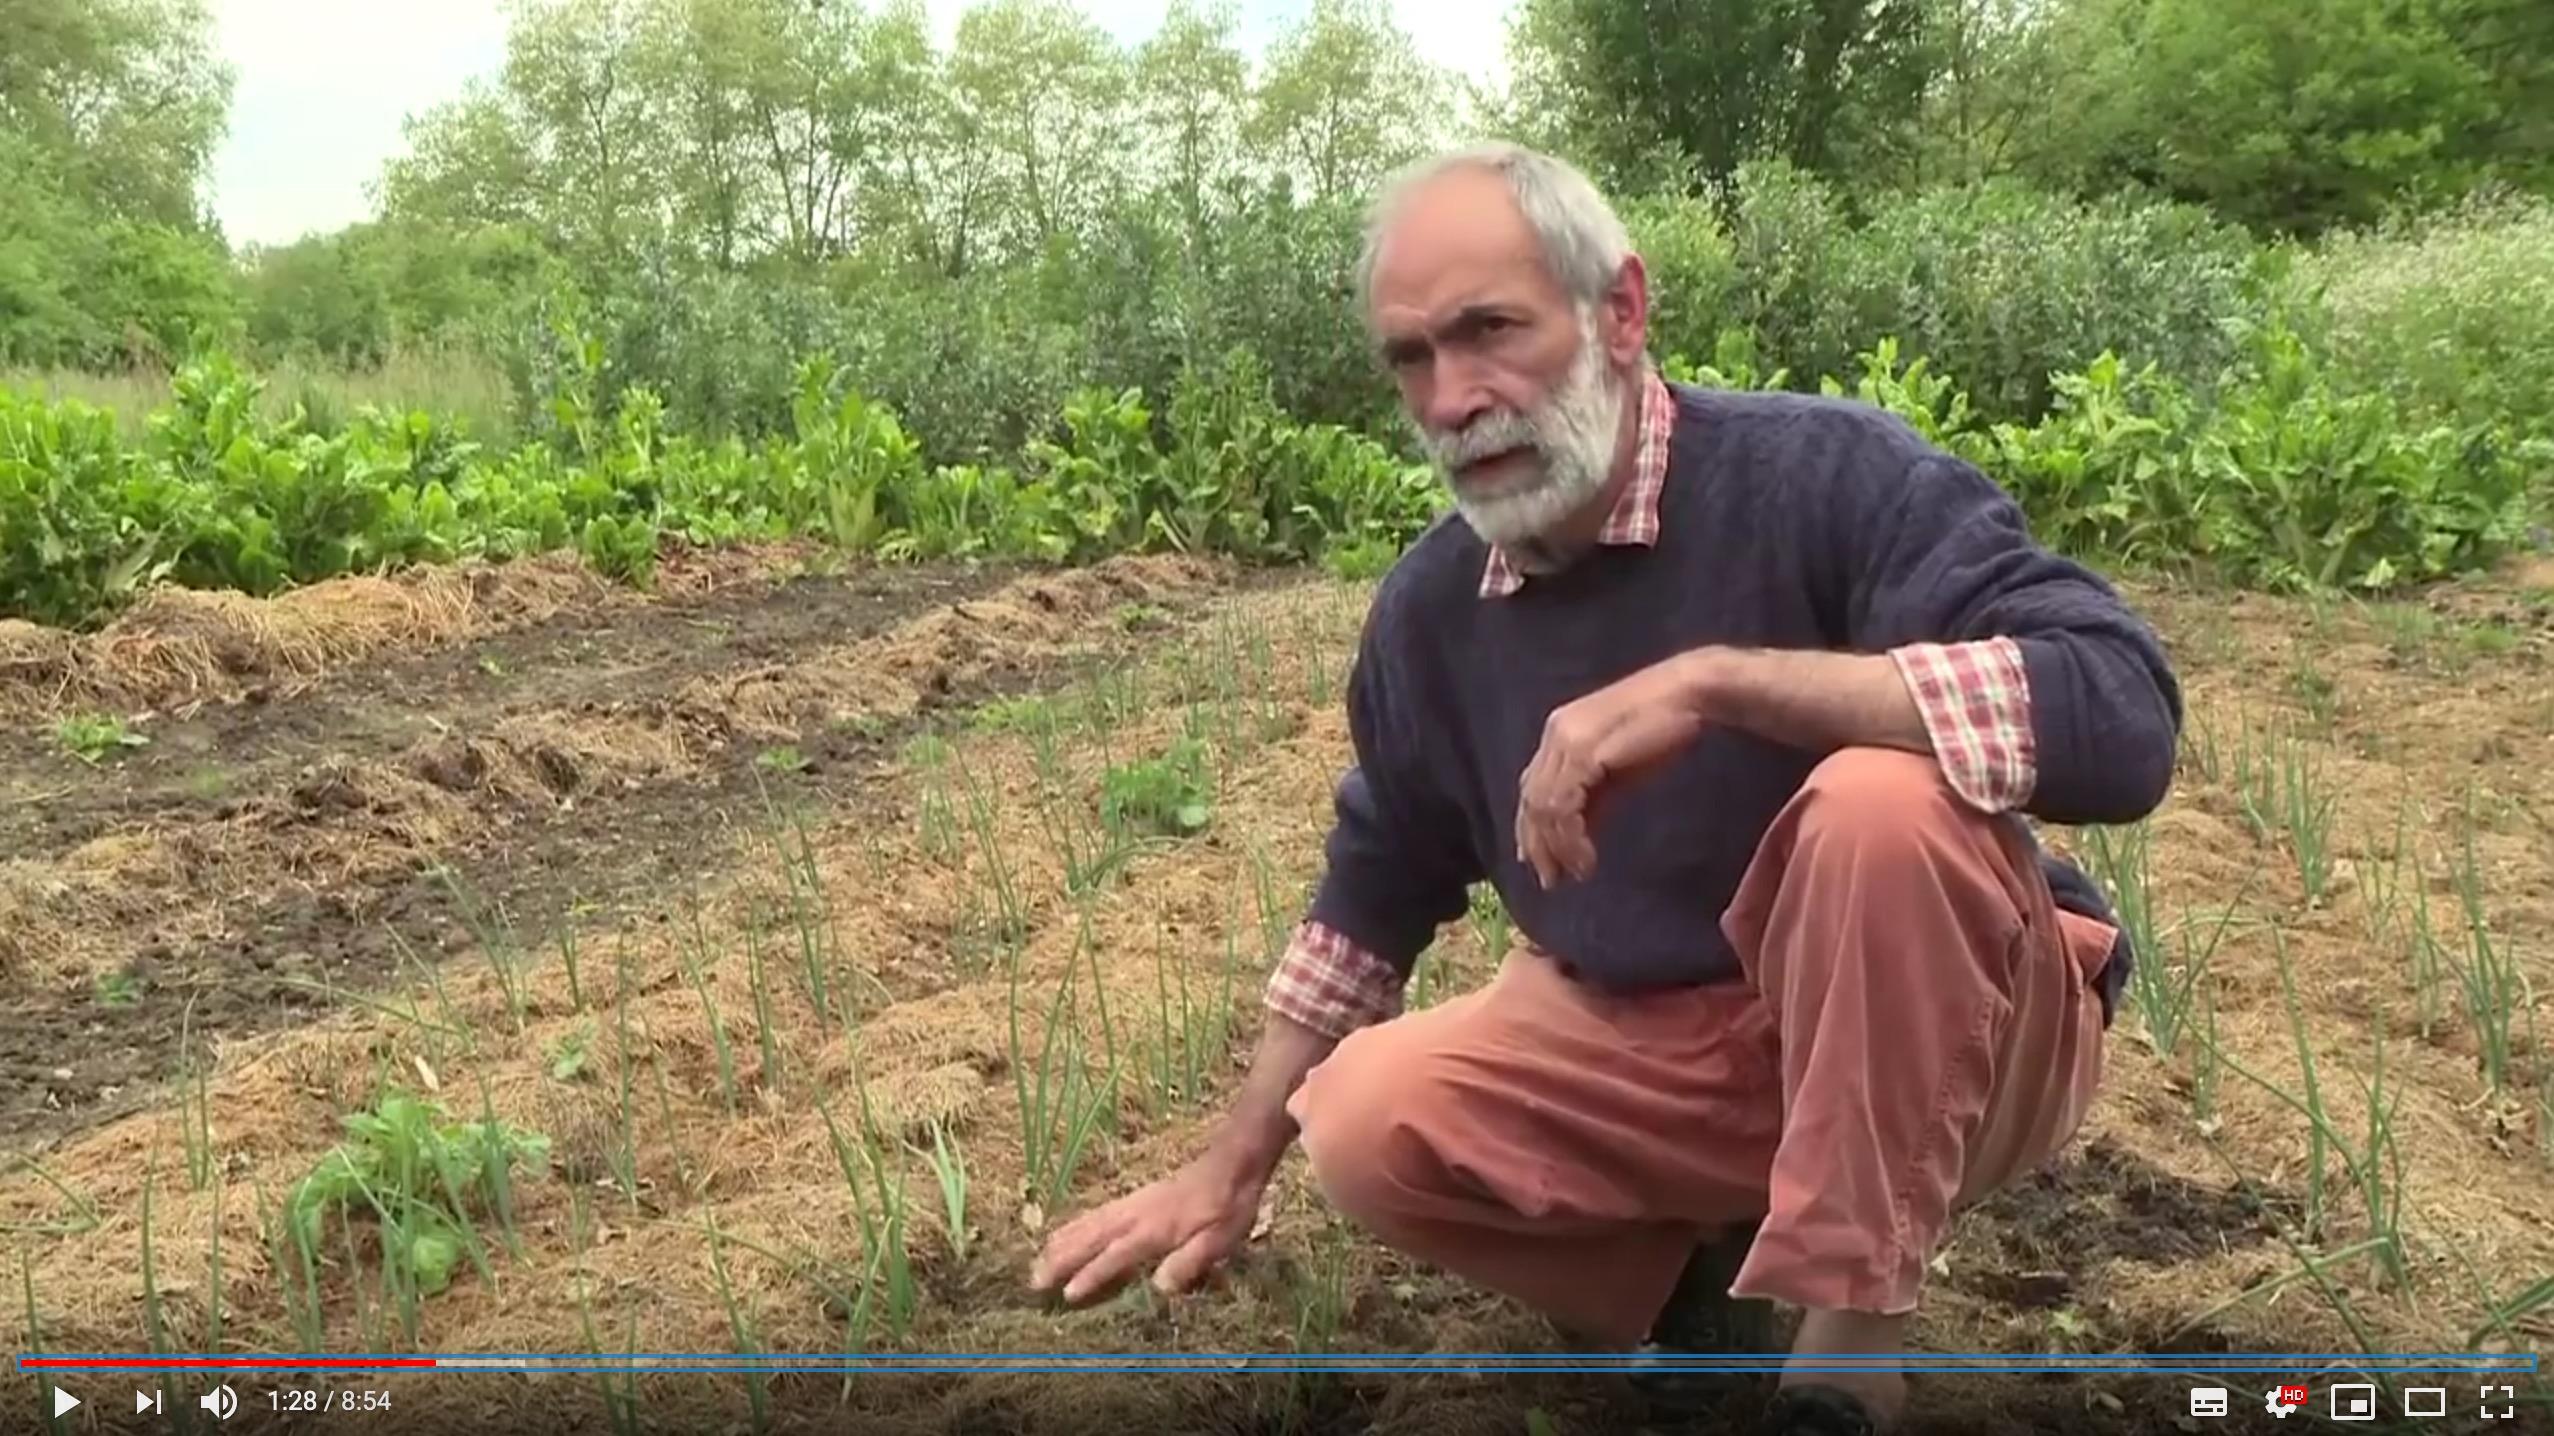 Image Pierre Besse ©OSAÉ Agroécologie - Essaimances agroécolgie Gravelines